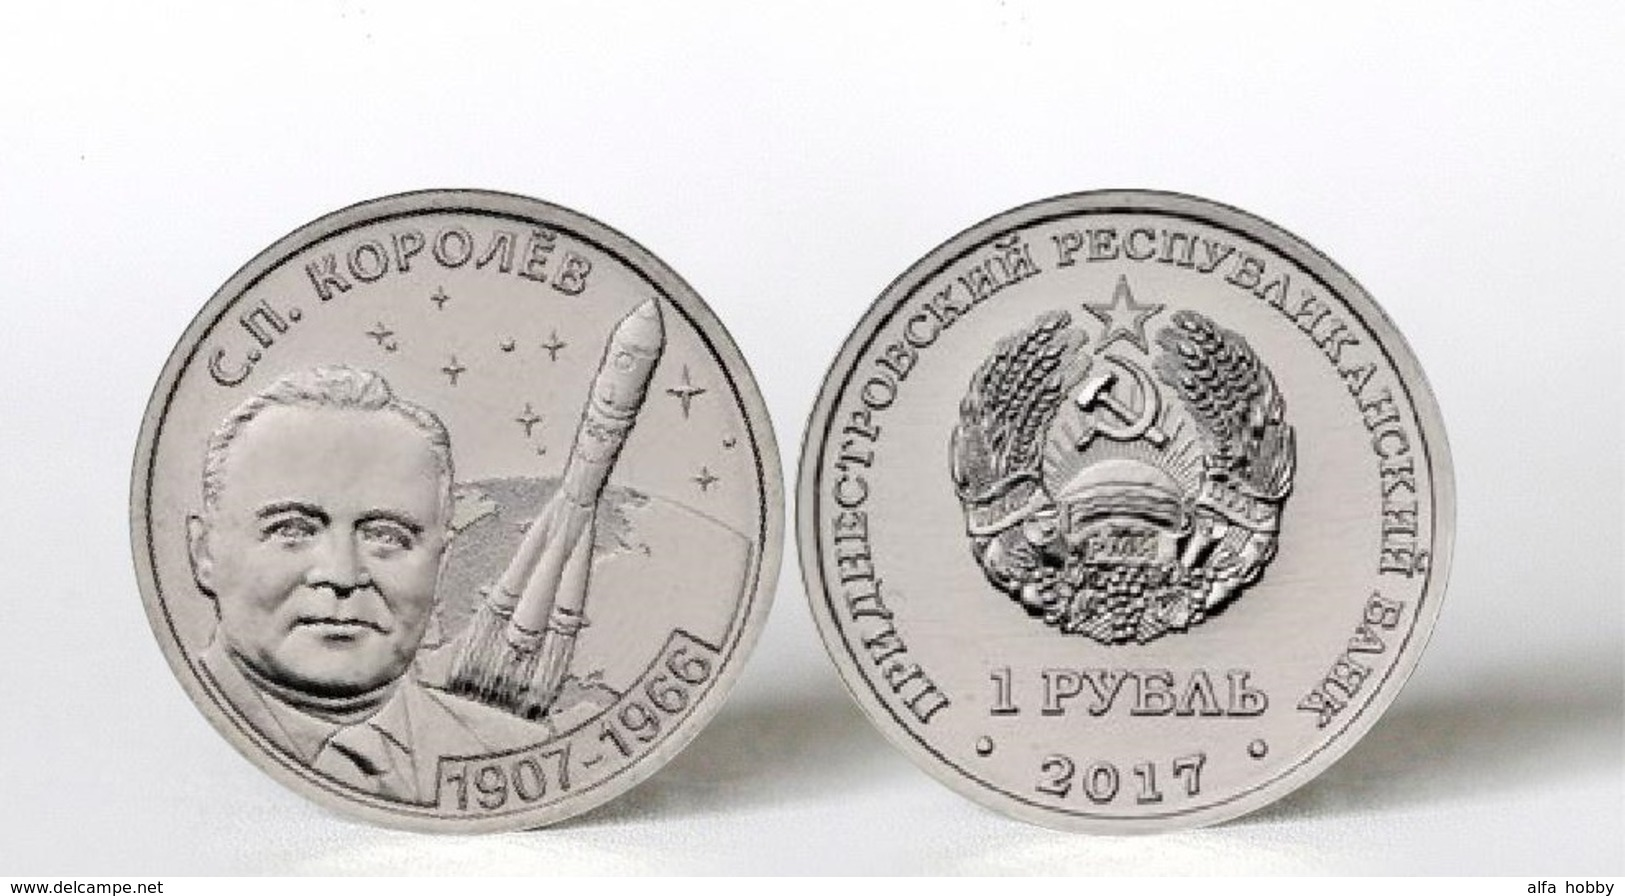 PMR Transnistrija, 2017, Space, S.Koroljov 1 Rbl Rubel - Russland